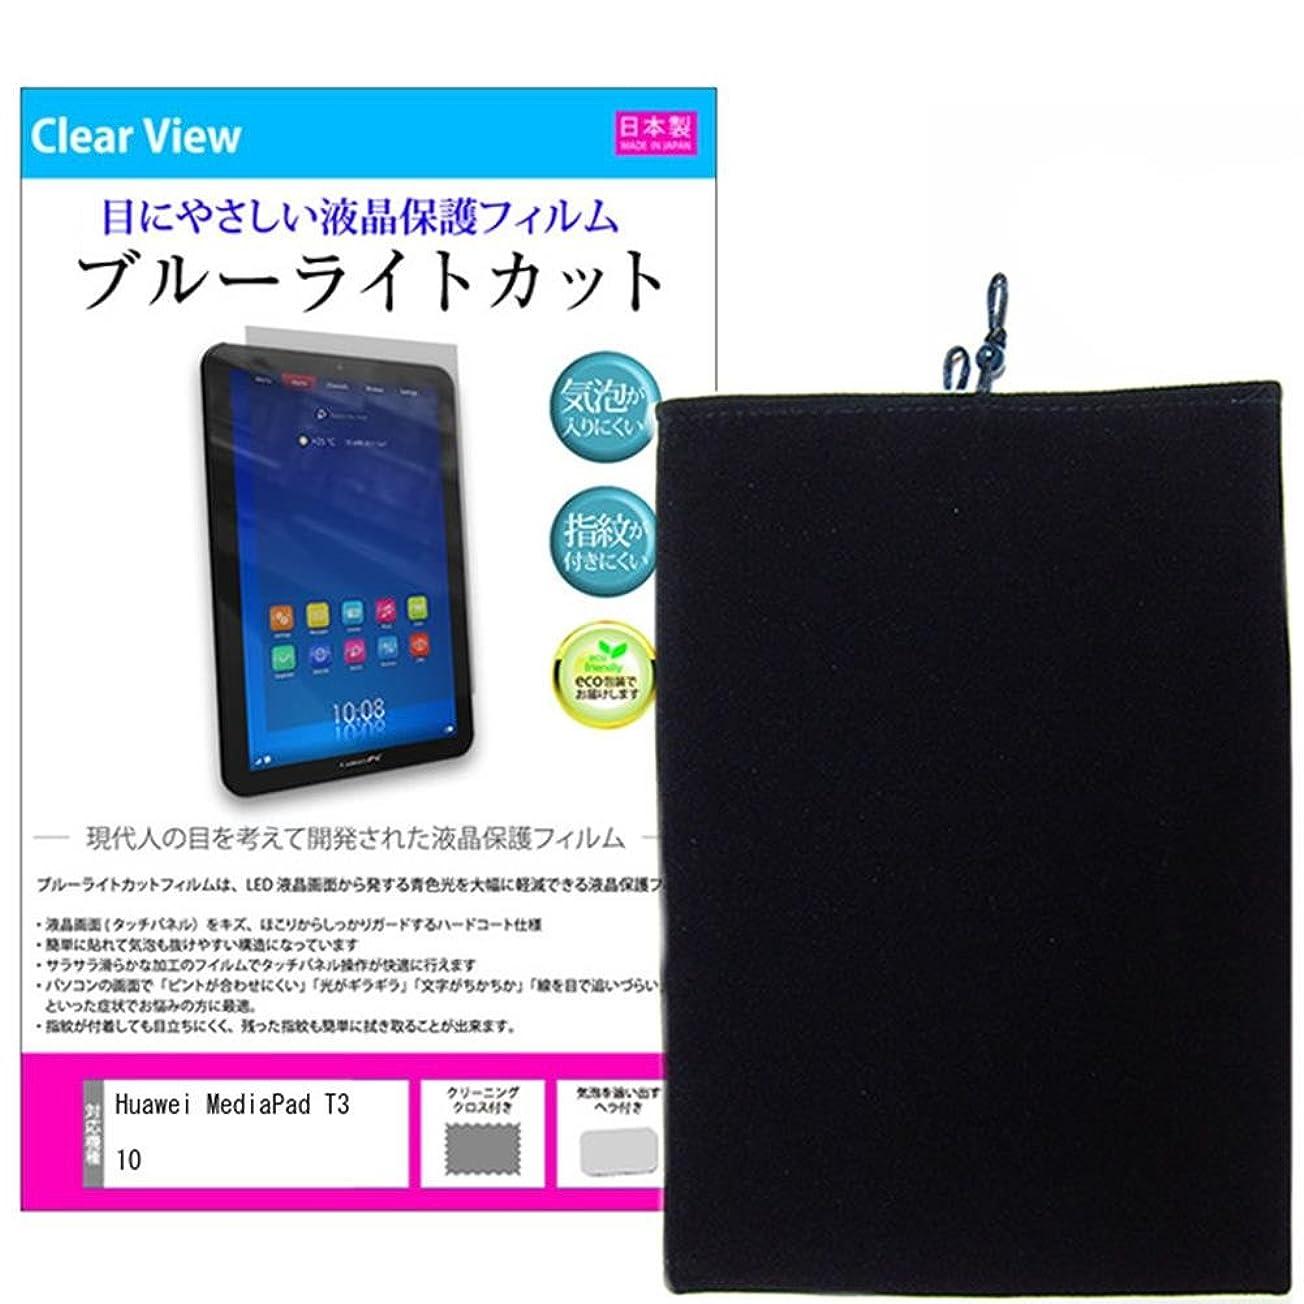 倒錯マラウイモルヒネメディアカバーマーケット Huawei MediaPad T3 10 [9.6インチ(1280x800)]機種で使える【タブレットポーチケース と ブルーライトカット液晶保護フィルム のセット】 反射防止 指紋防止 気泡レス 抗菌